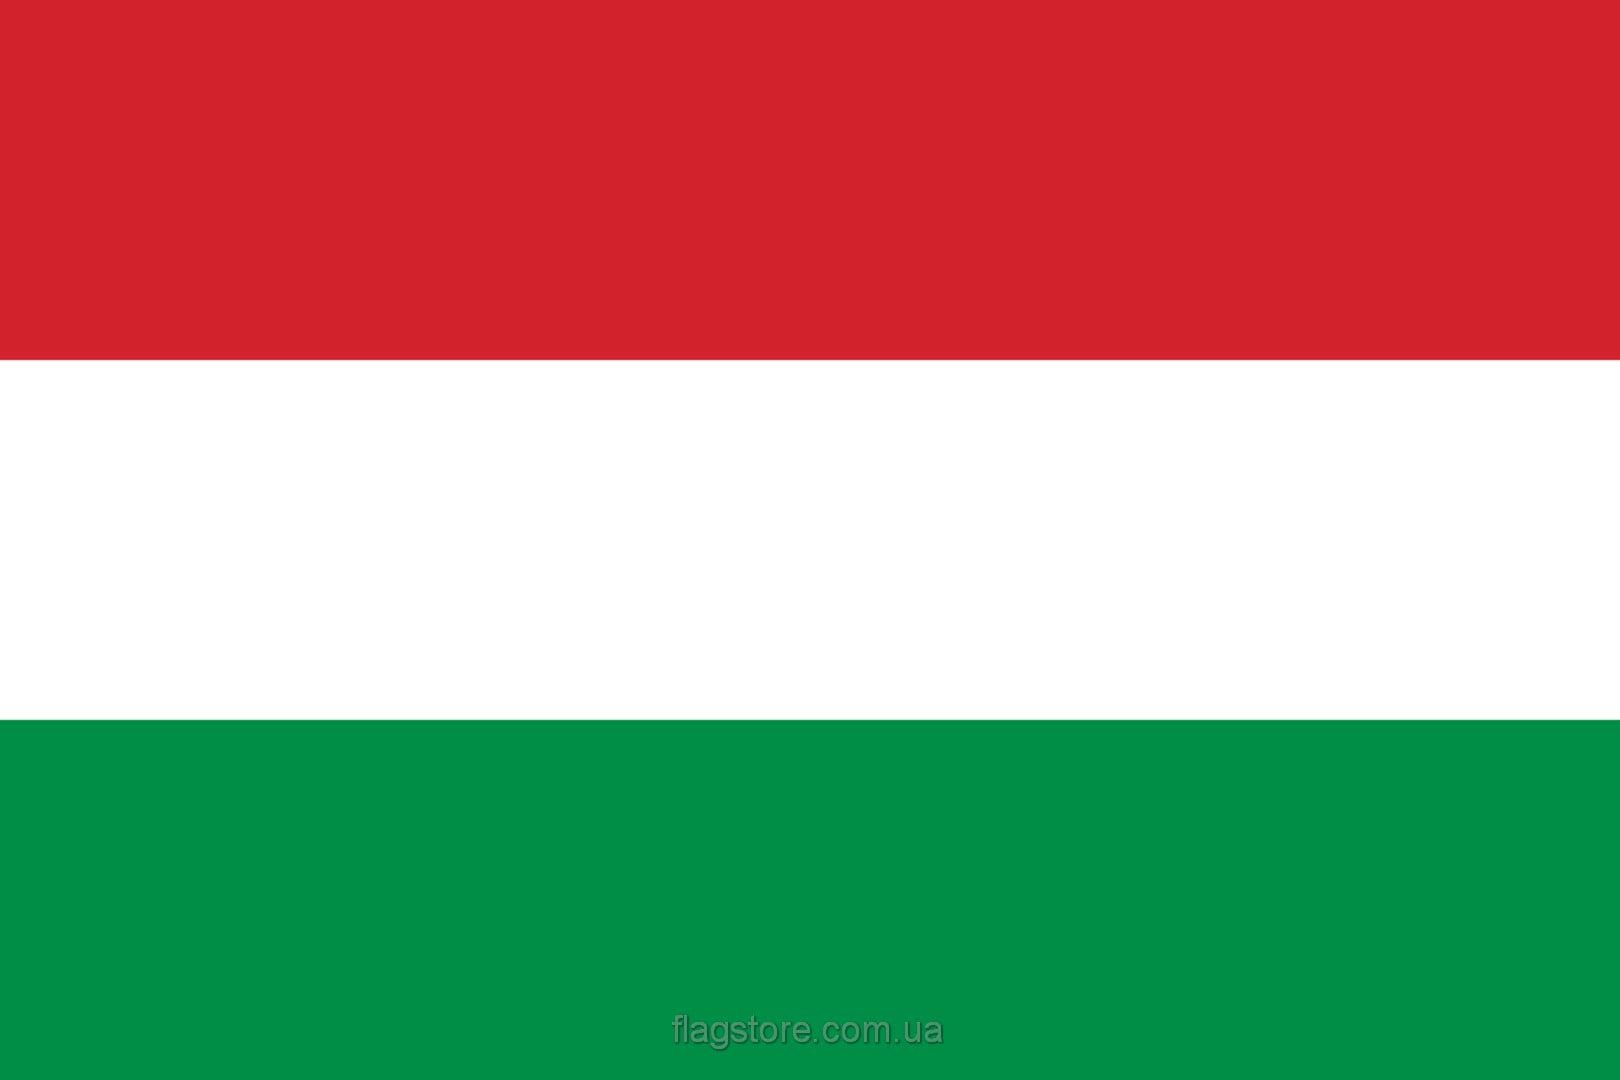 Купить флаг Венгрии (страны Венгрия)